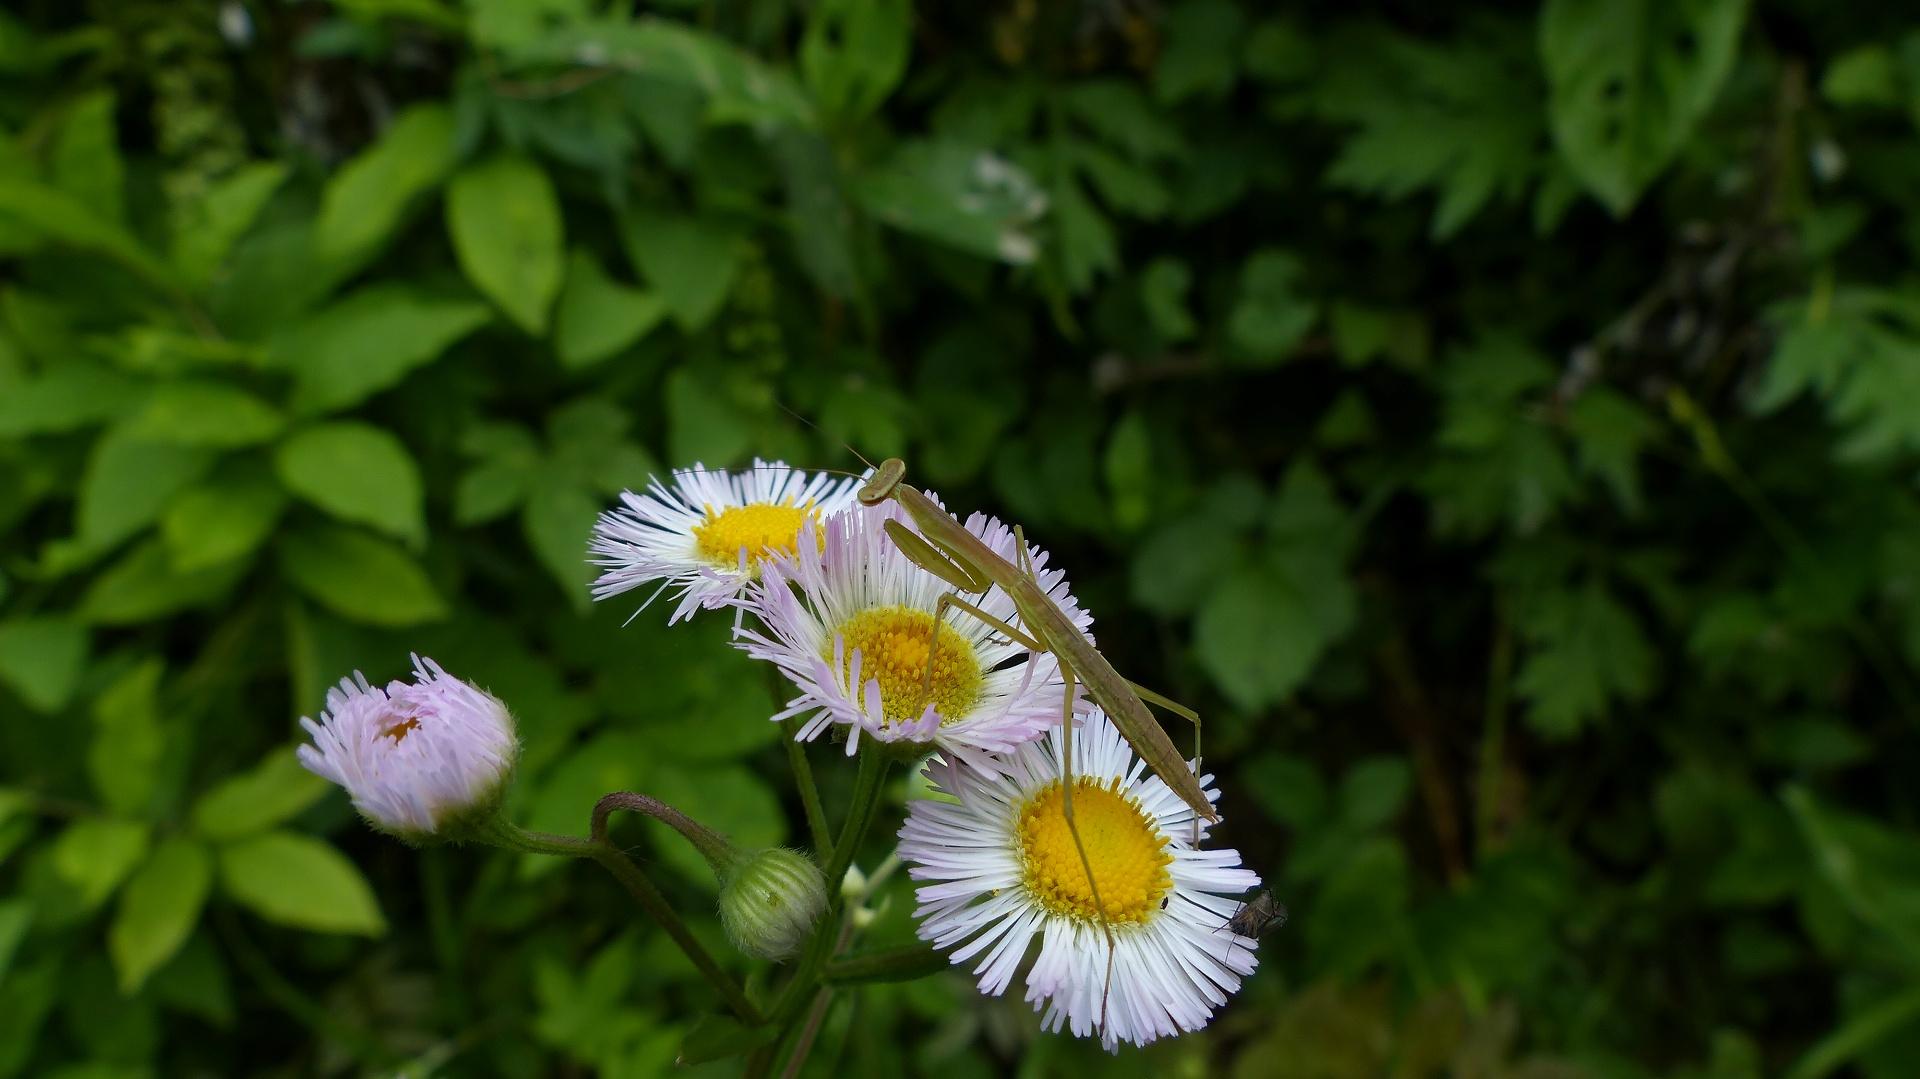 昆虫の森シリーズ 蟷螂(とうろう)_a0185081_1236543.jpg